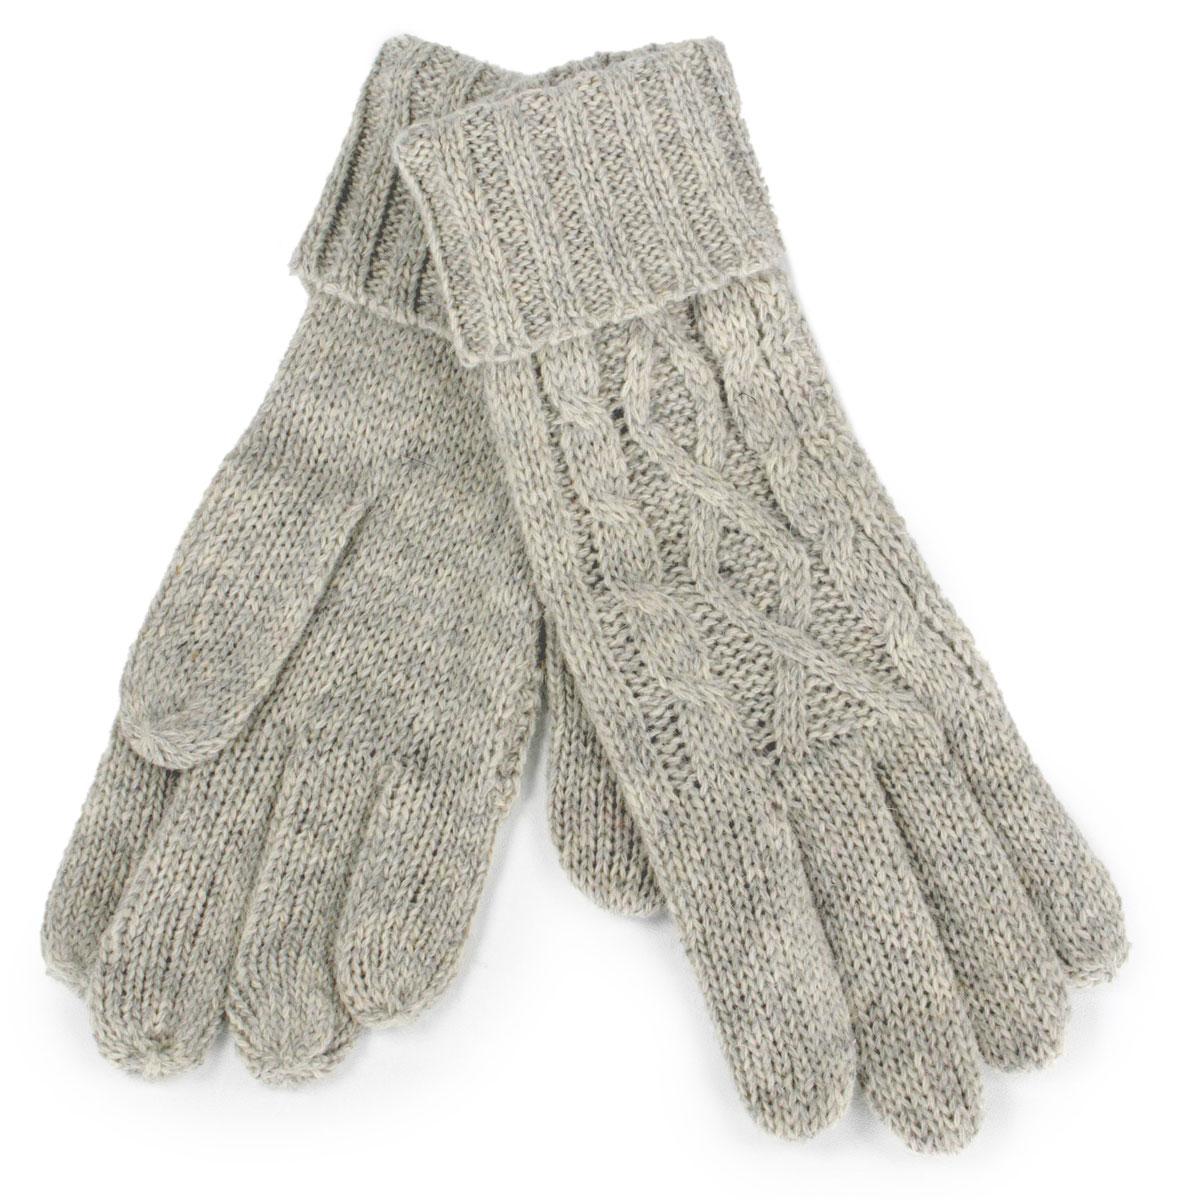 Knit Gloves - 3506/ 3519 - 3504 Diamond Pattern Knit Gloves